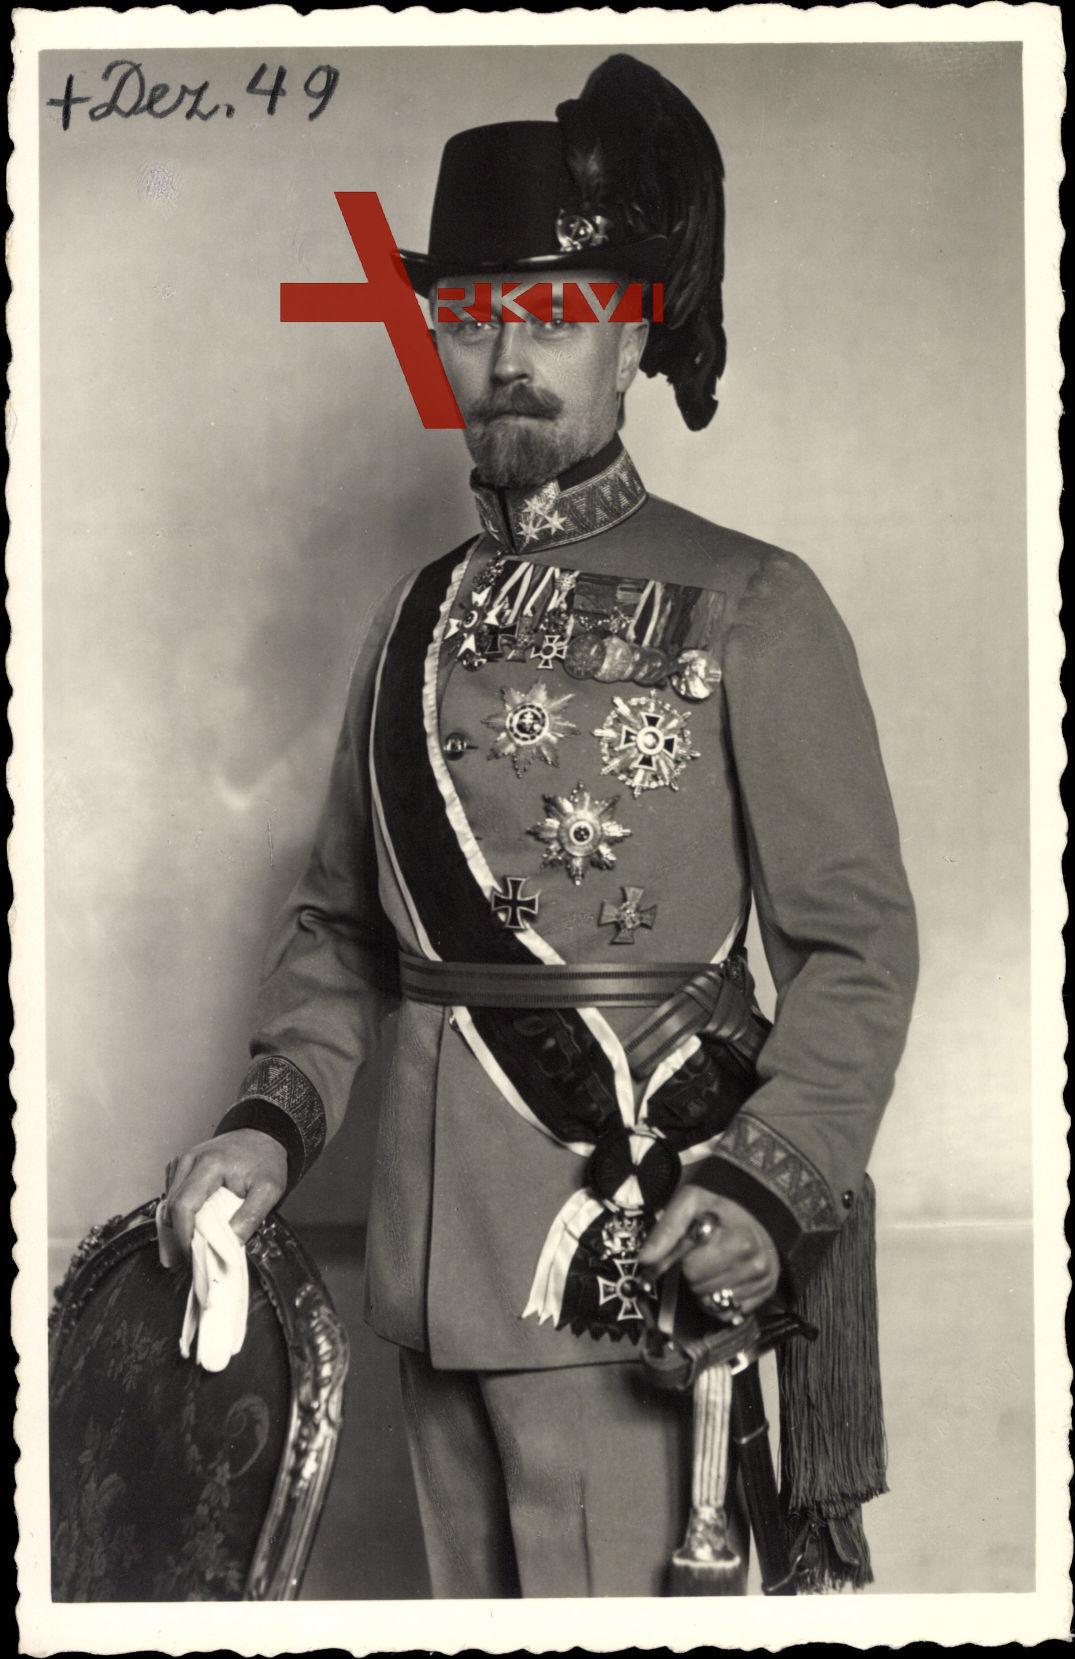 Fürst Leopold zu Lippe, Portrait, Uniform, Säbel, Abzeichen